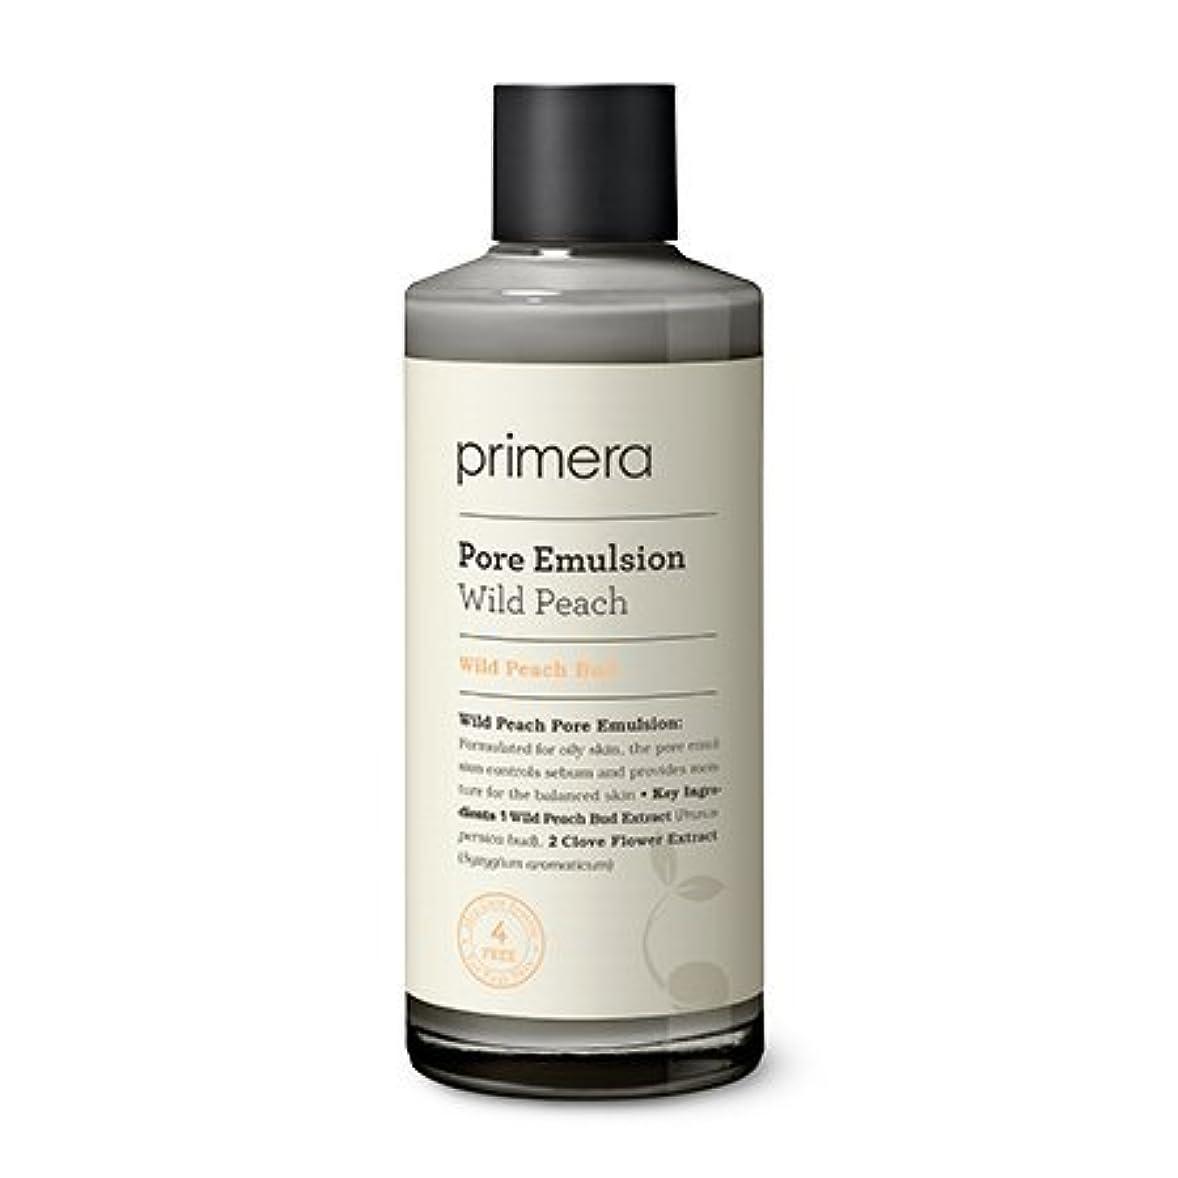 パックブリーク白鳥【Primera】Wild Peach Pore Emulsion - 150ml (韓国直送品) (SHOPPINGINSTAGRAM)